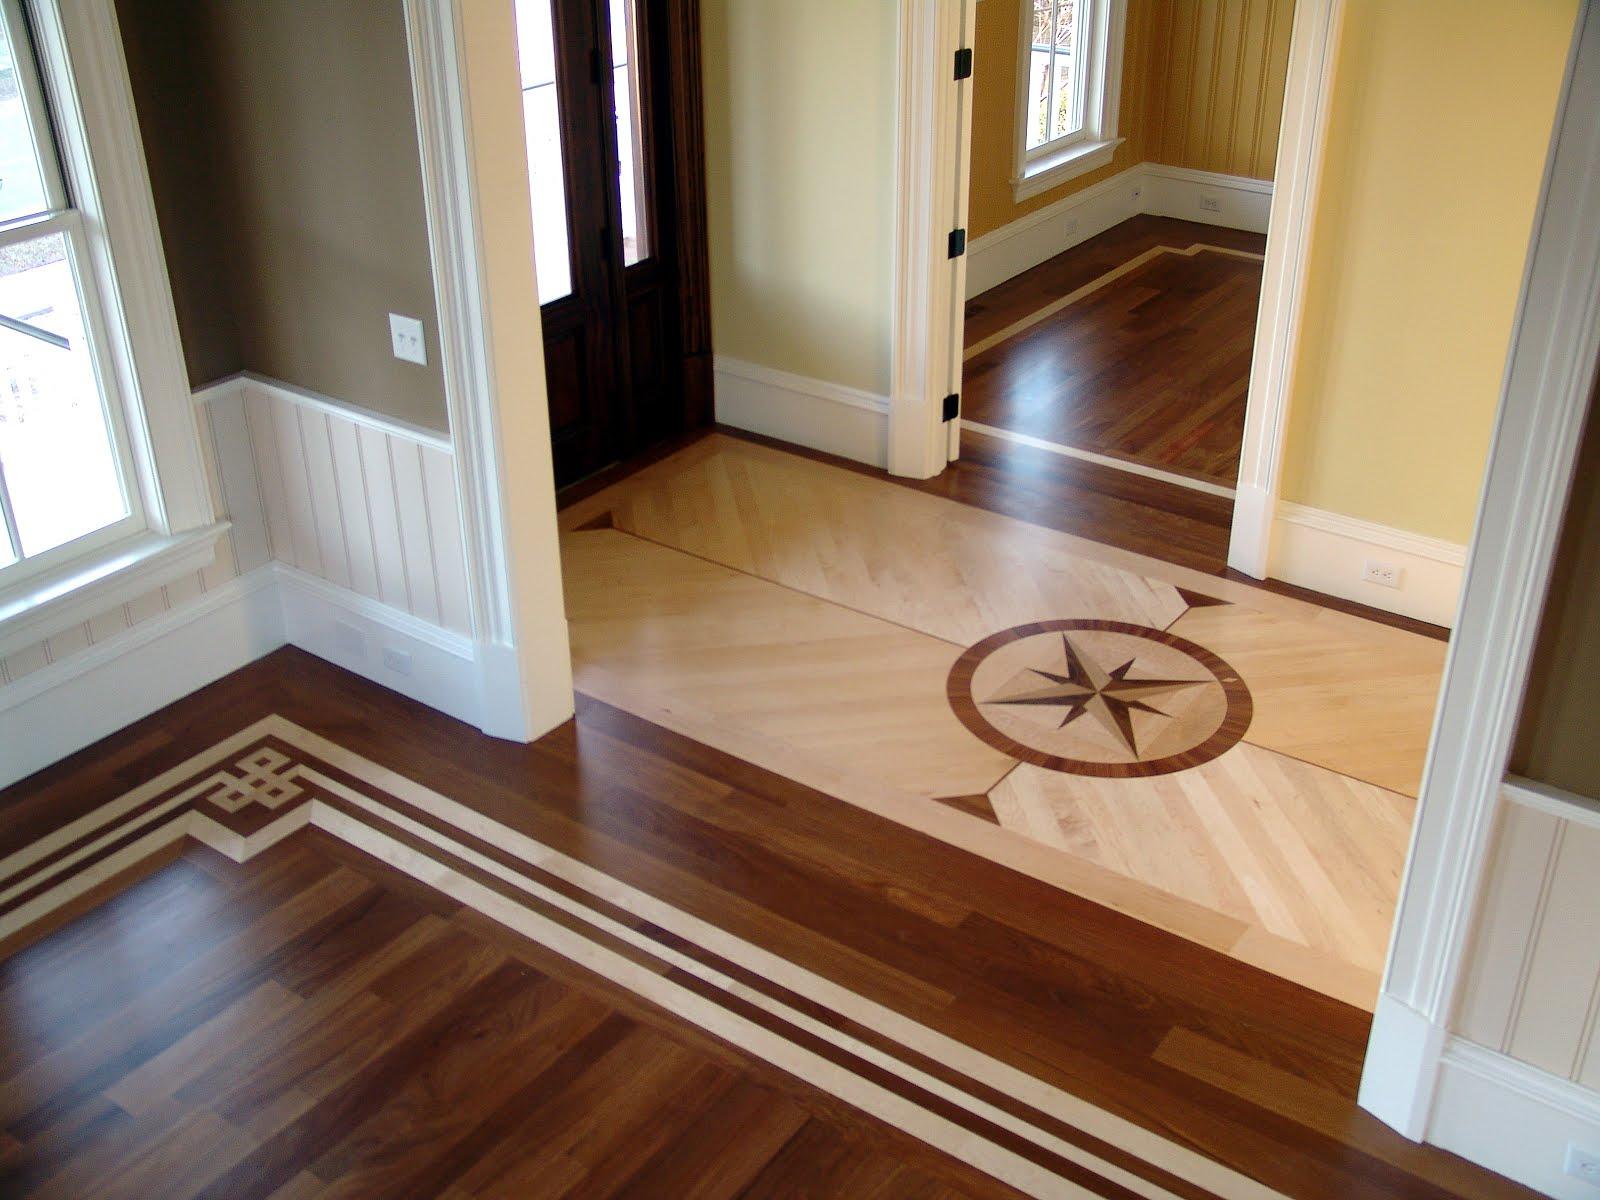 december excellent house design inspiration new concept home design flooring - Flooring Design Ideas